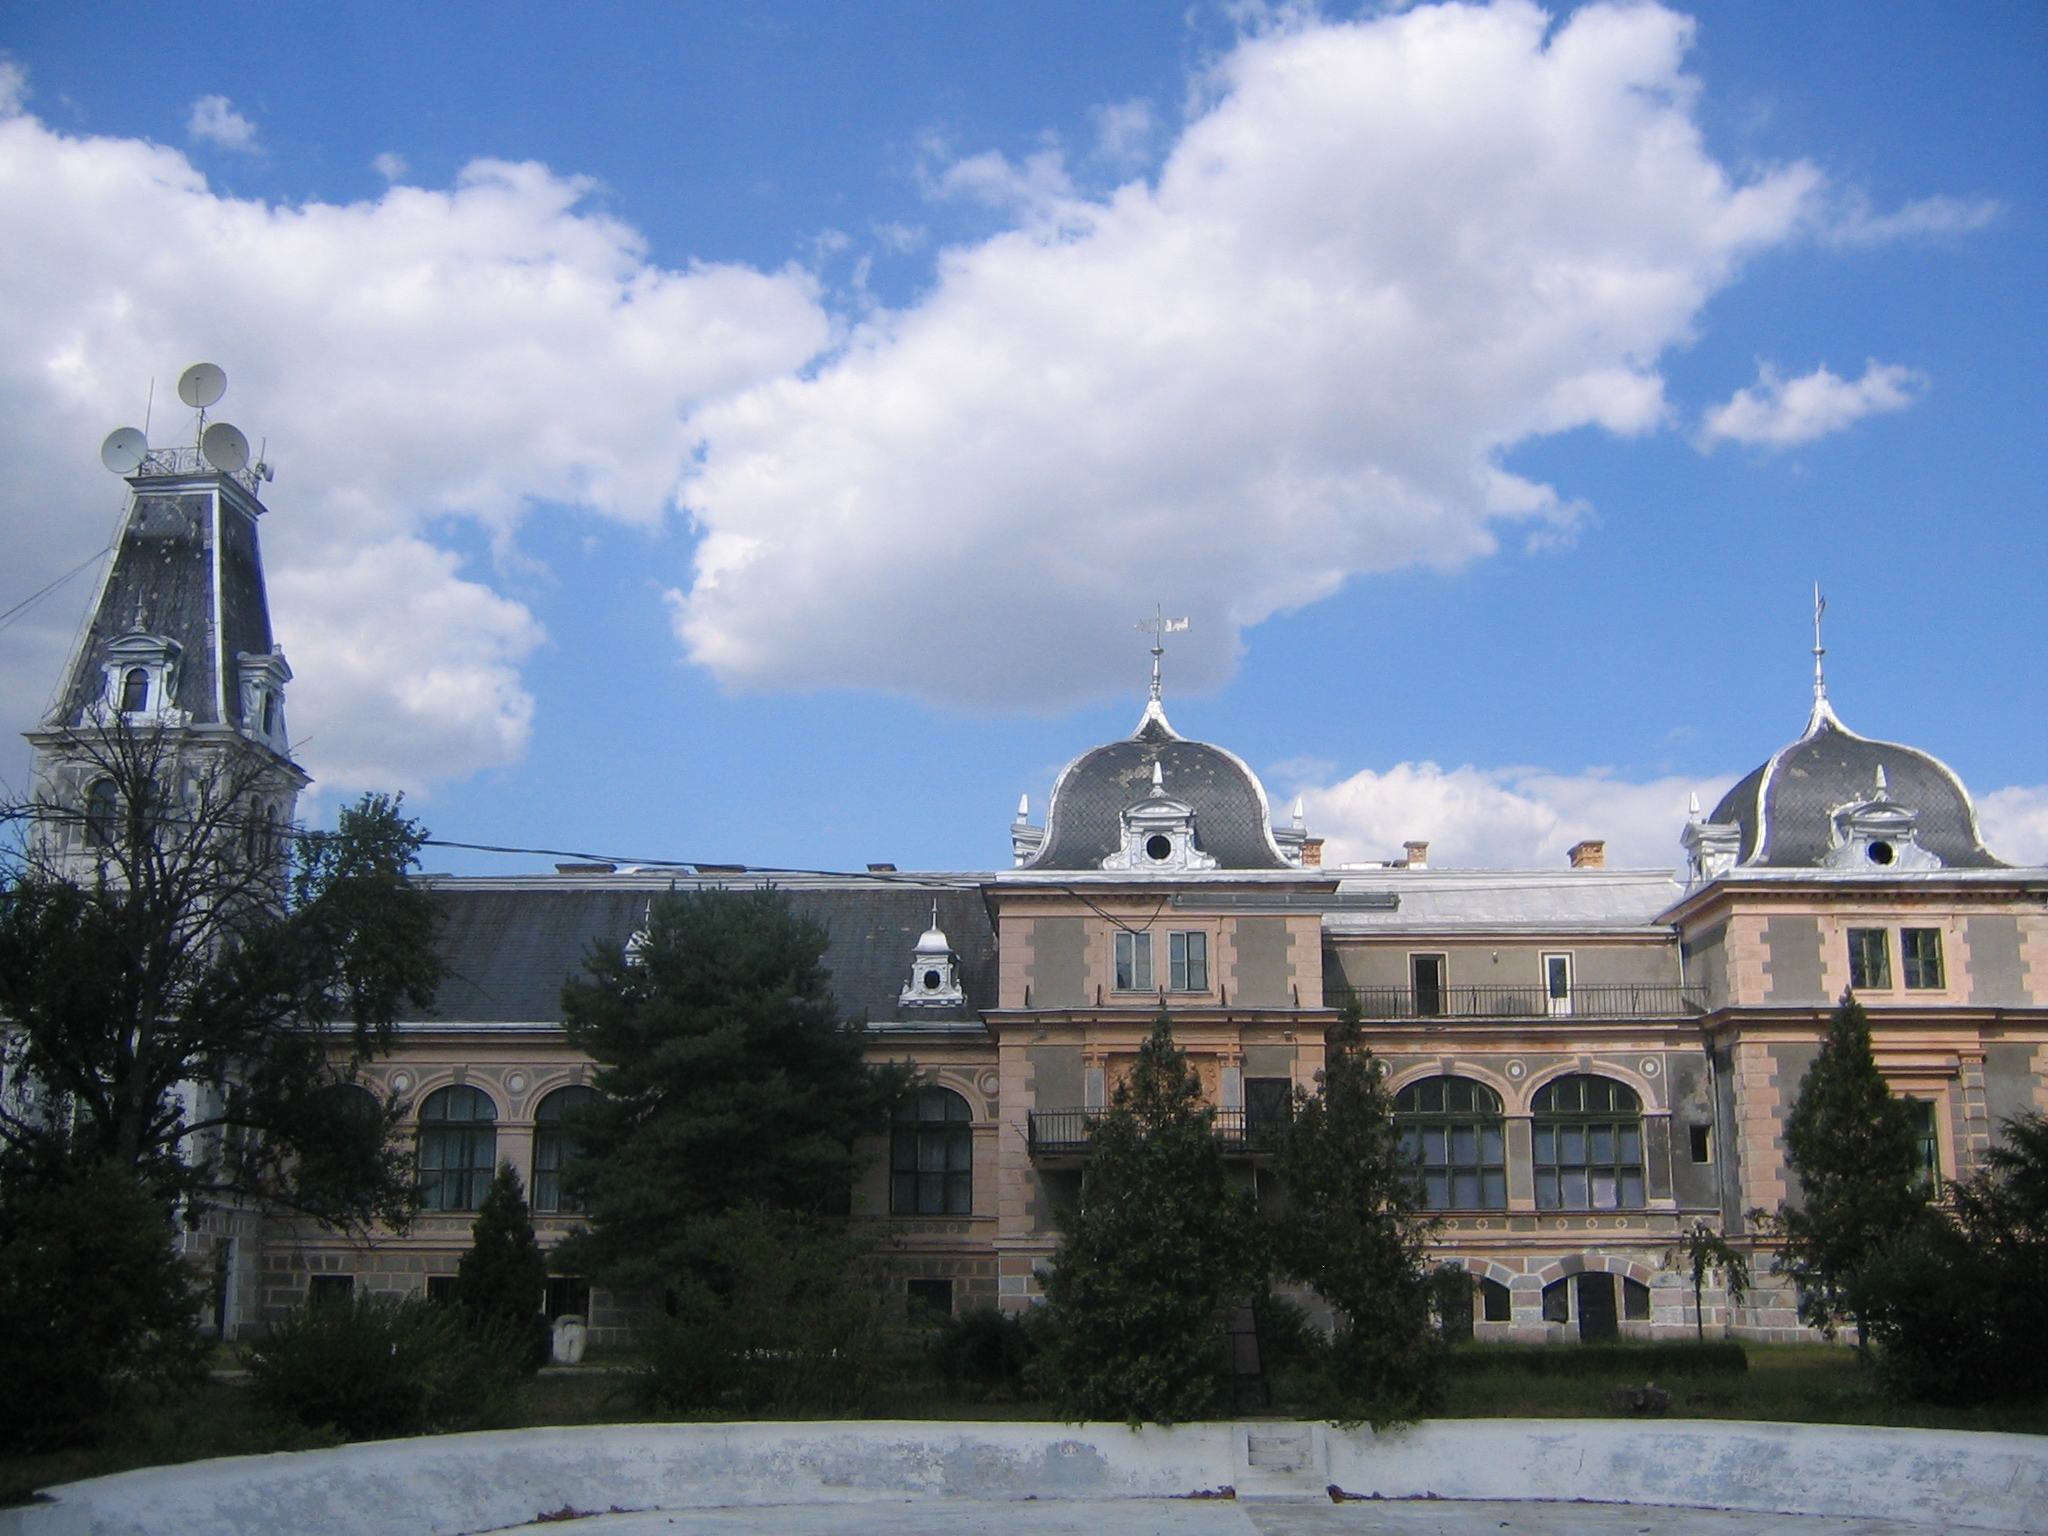 http://upload.wikimedia.org/wikipedia/commons/6/6d/Castelul_de_la_Macea,_Arad3.jpg